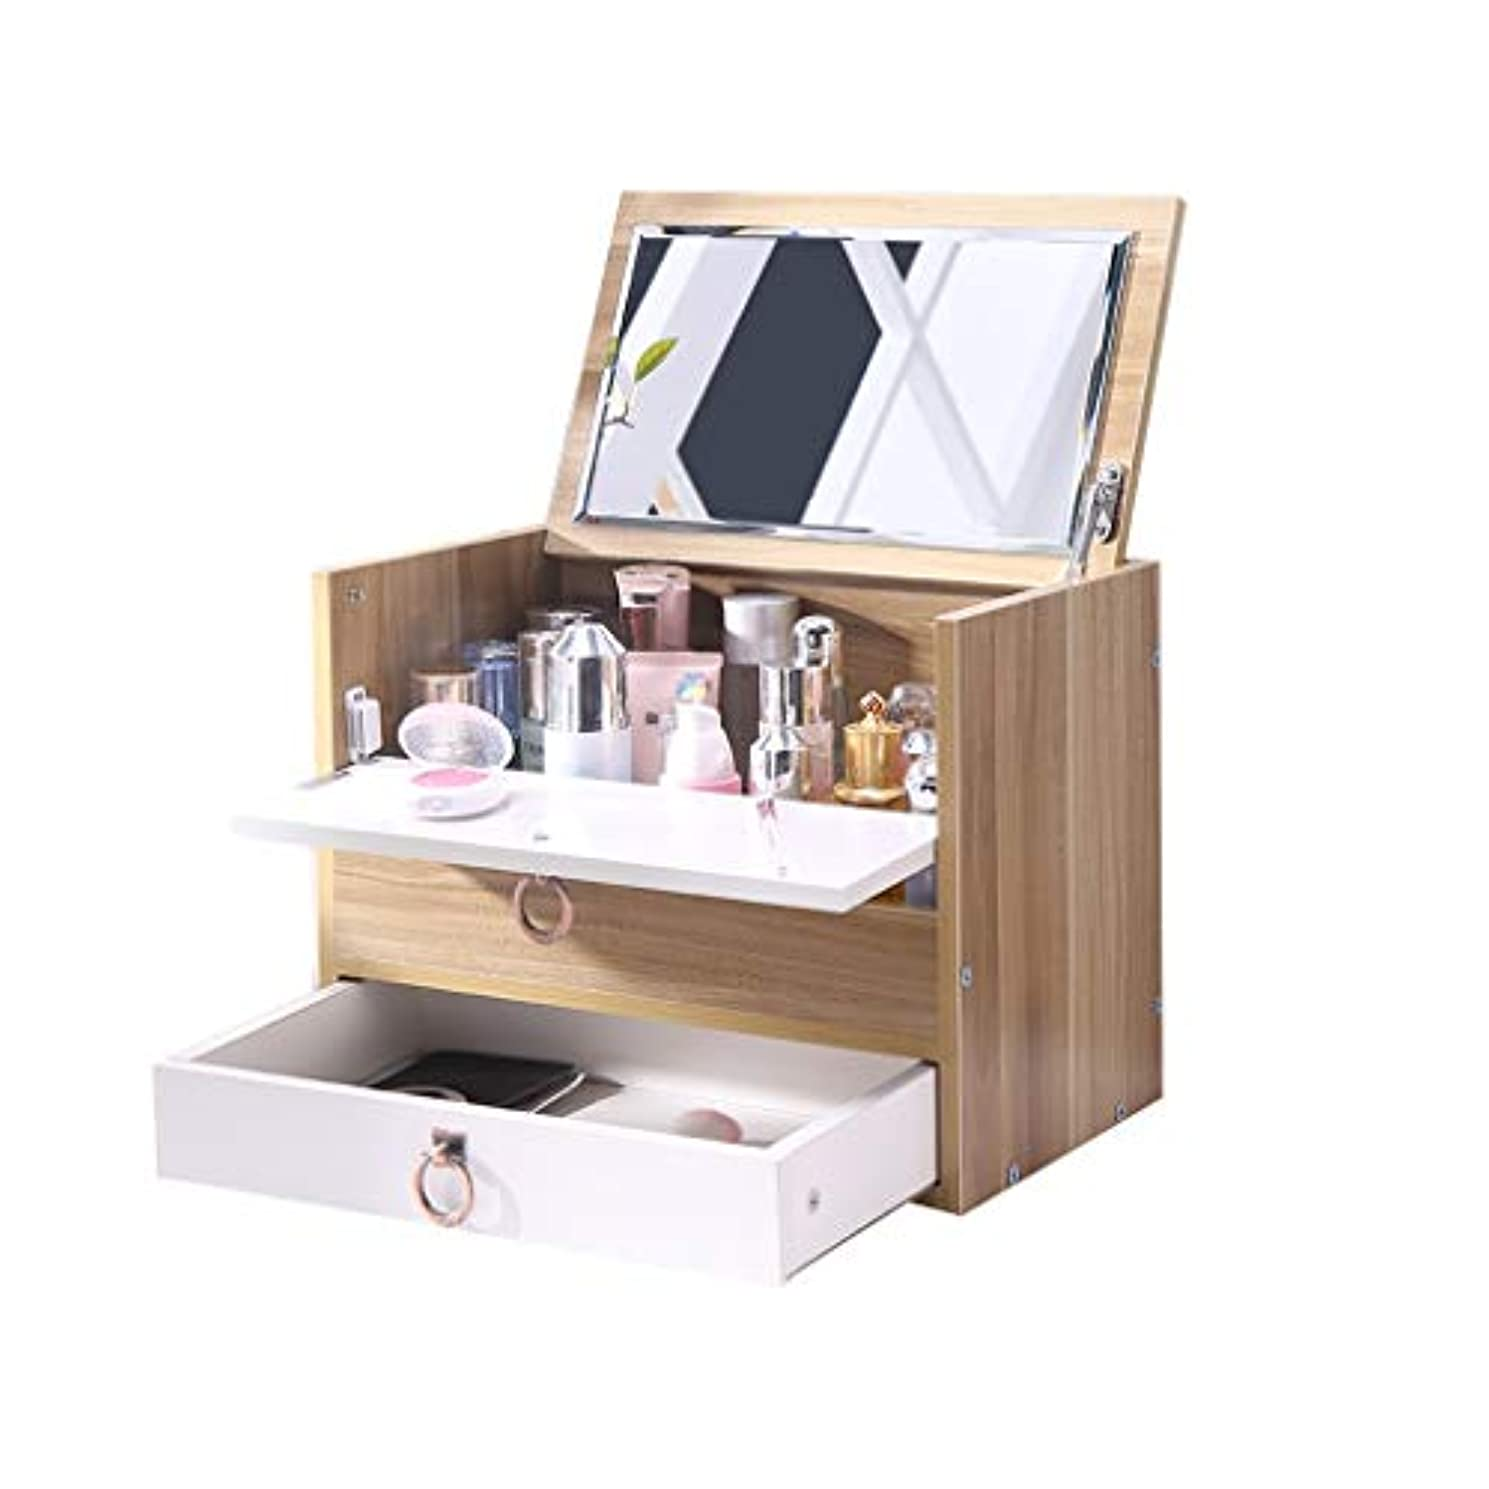 陸軍持続的保守可能ミラーの引出しフレームの櫛のテーブルの化粧箱が付いている木の化粧品の収納箱の卓上